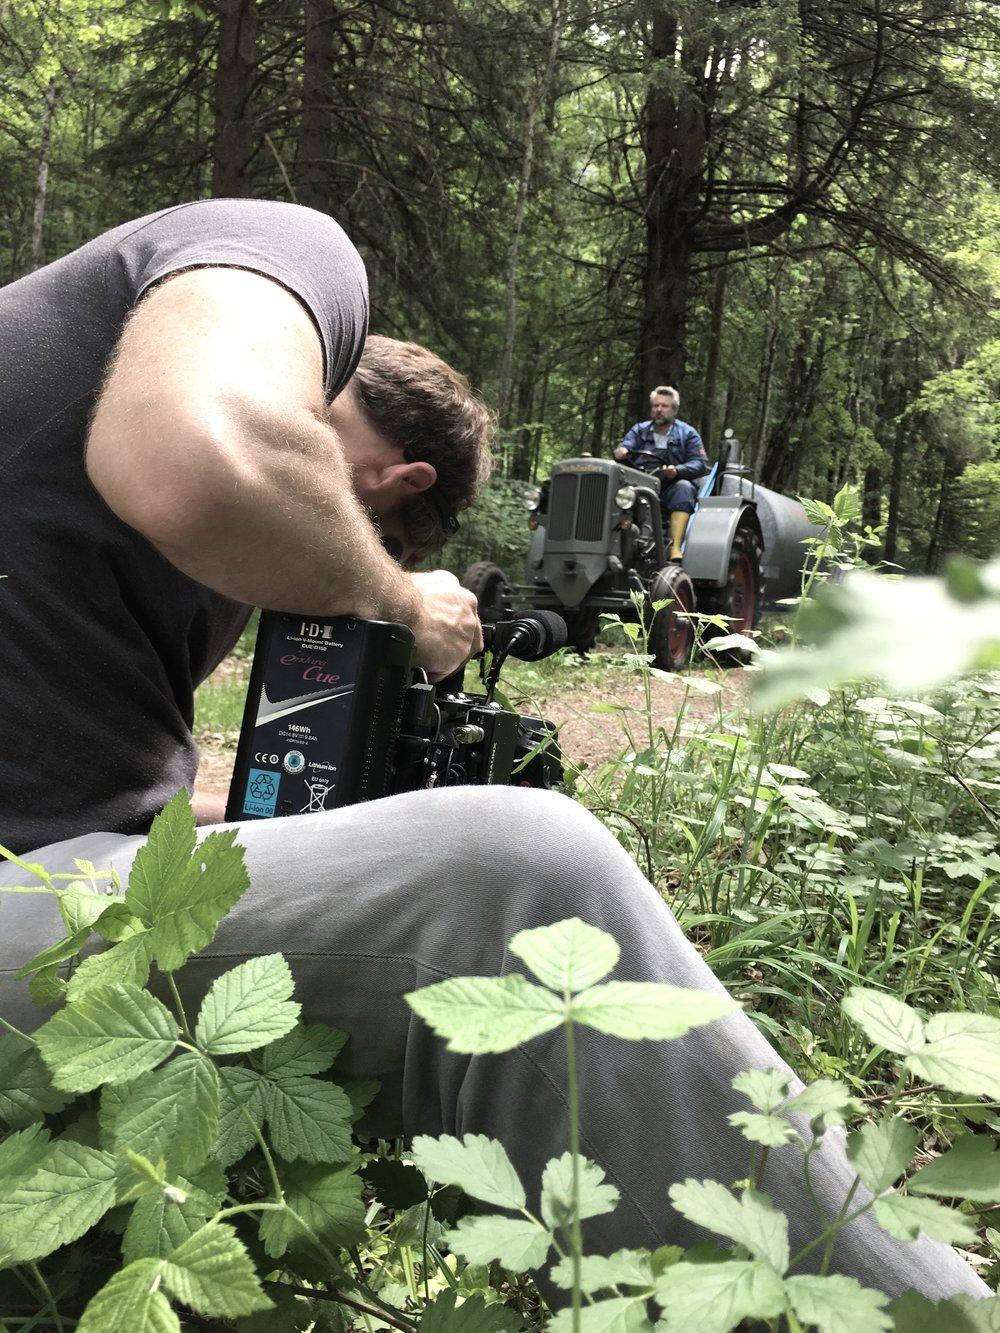 Was wir machen - wwproduction setzt von der Full-Service-Produktion bis hin zu Line Producing verschiedenste Projekte für TV, Werbung und Online um.Learn more ➝